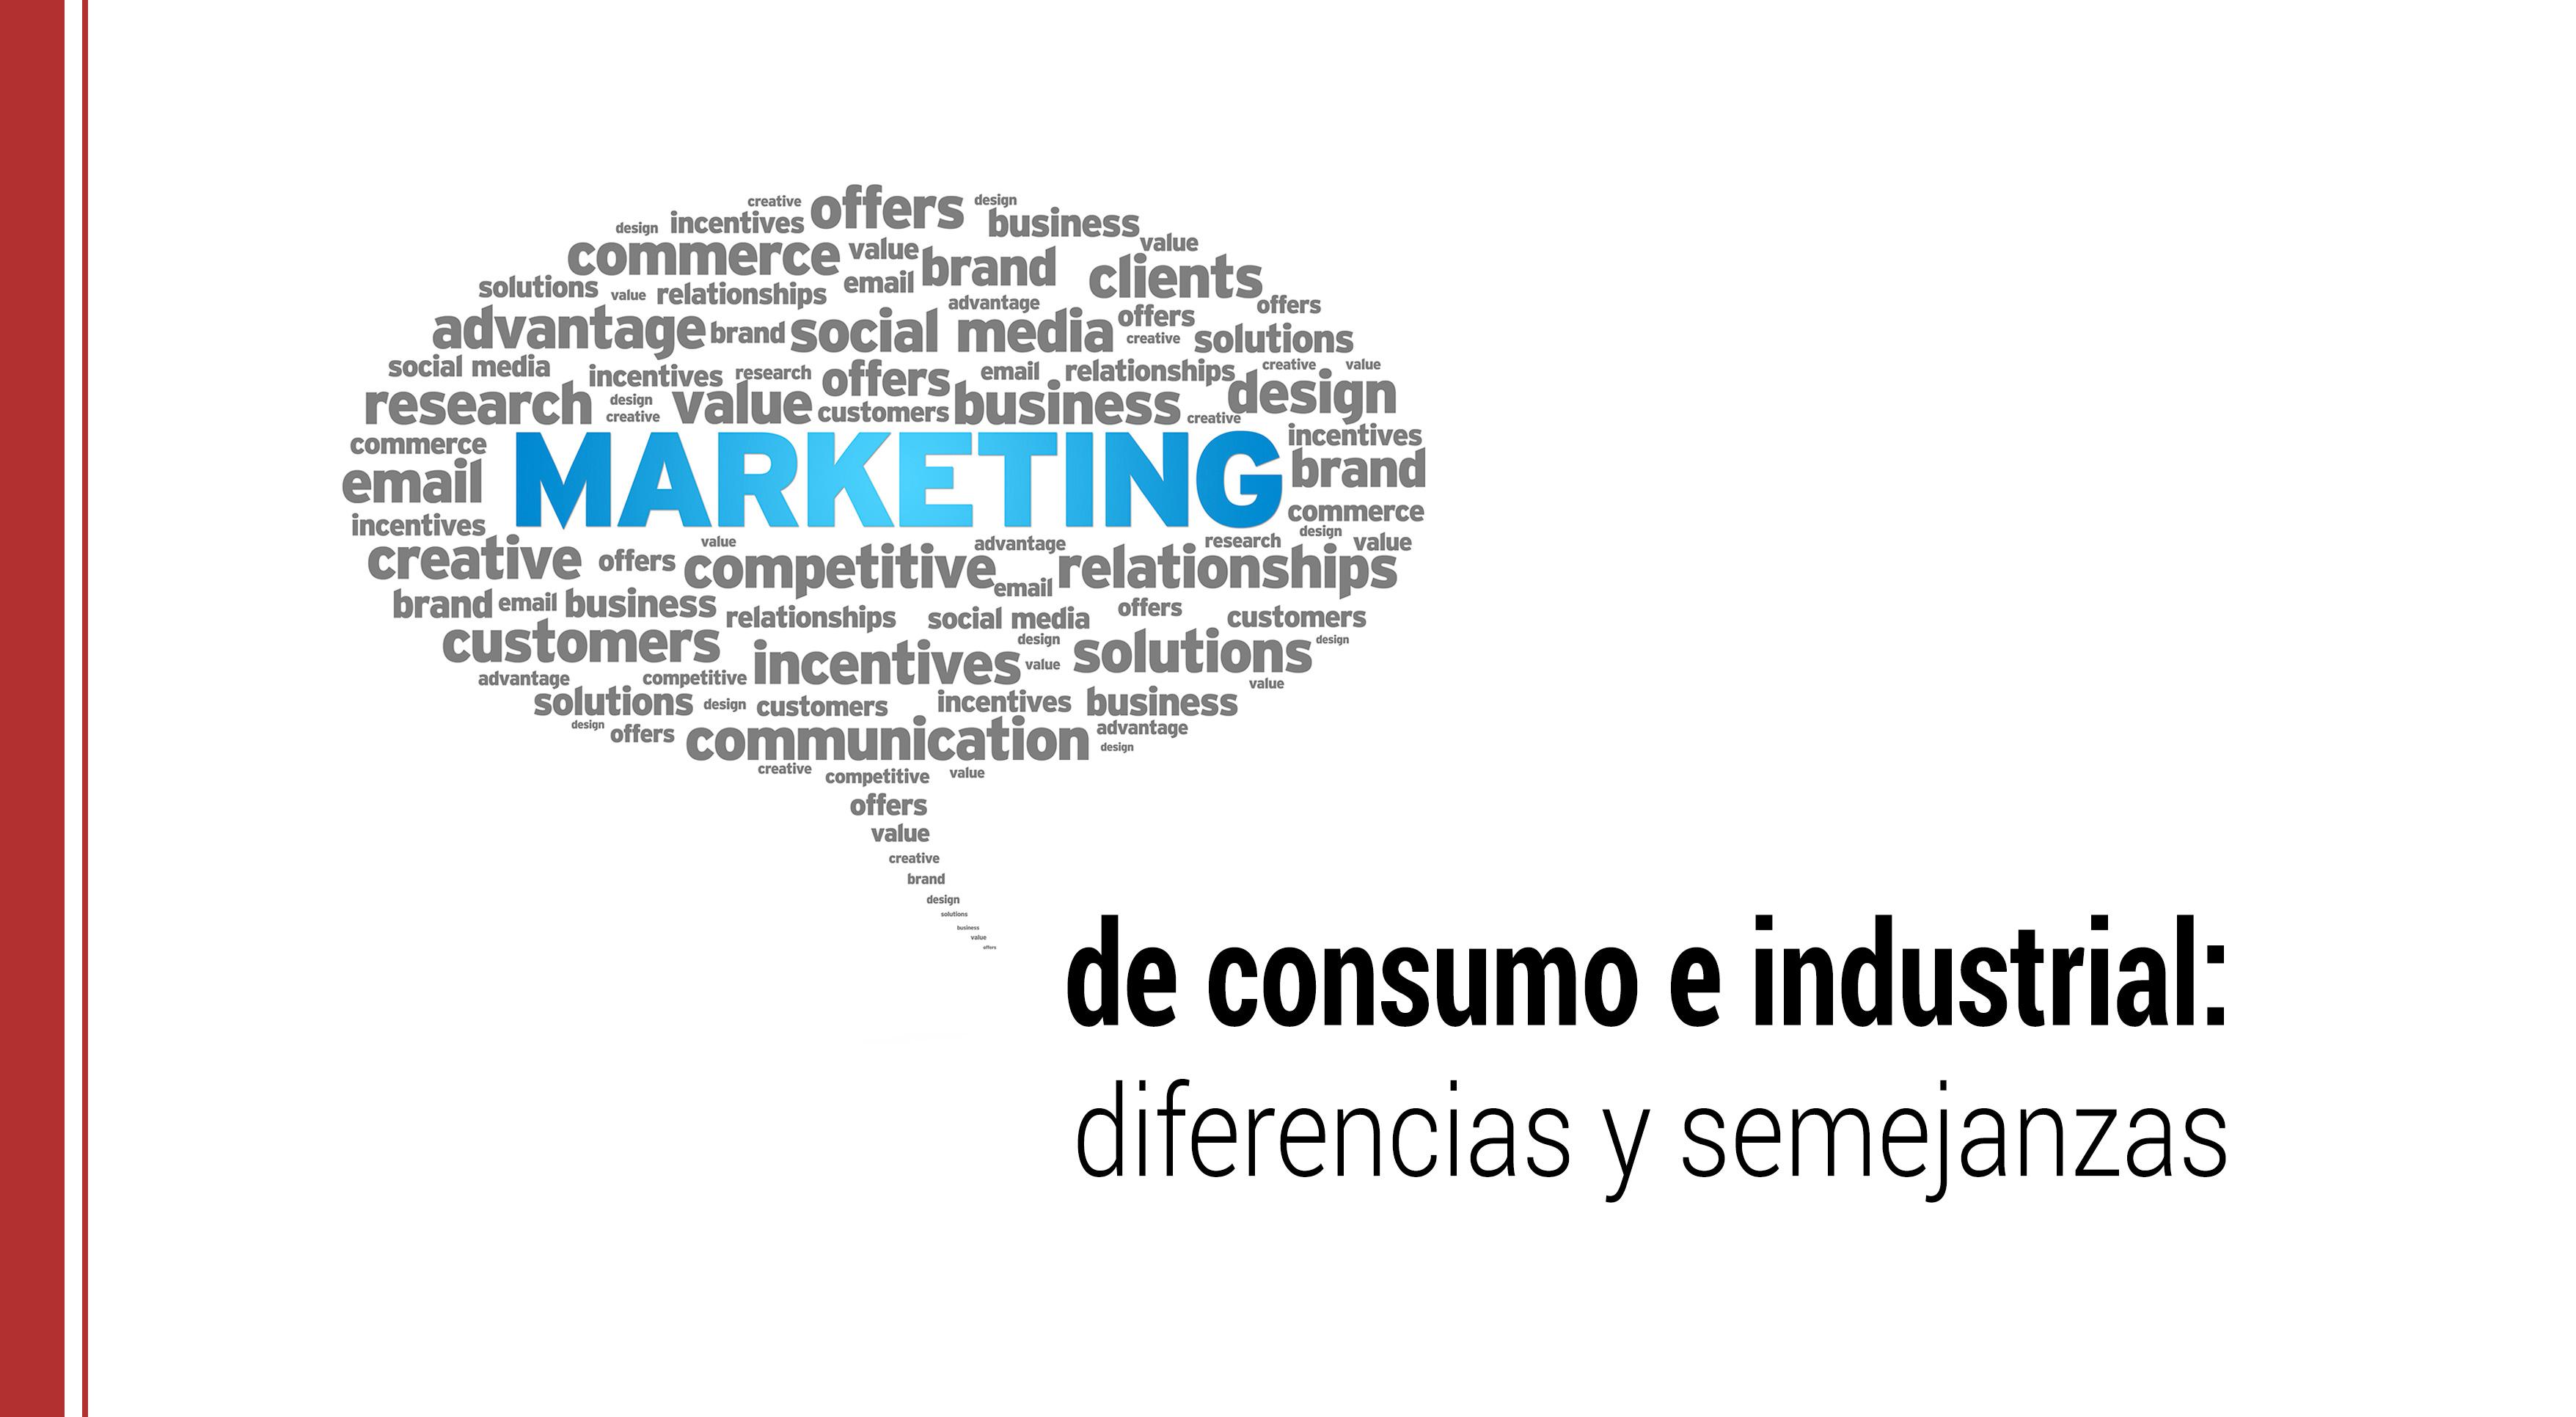 diferencias entre marketing de consumo e industrial